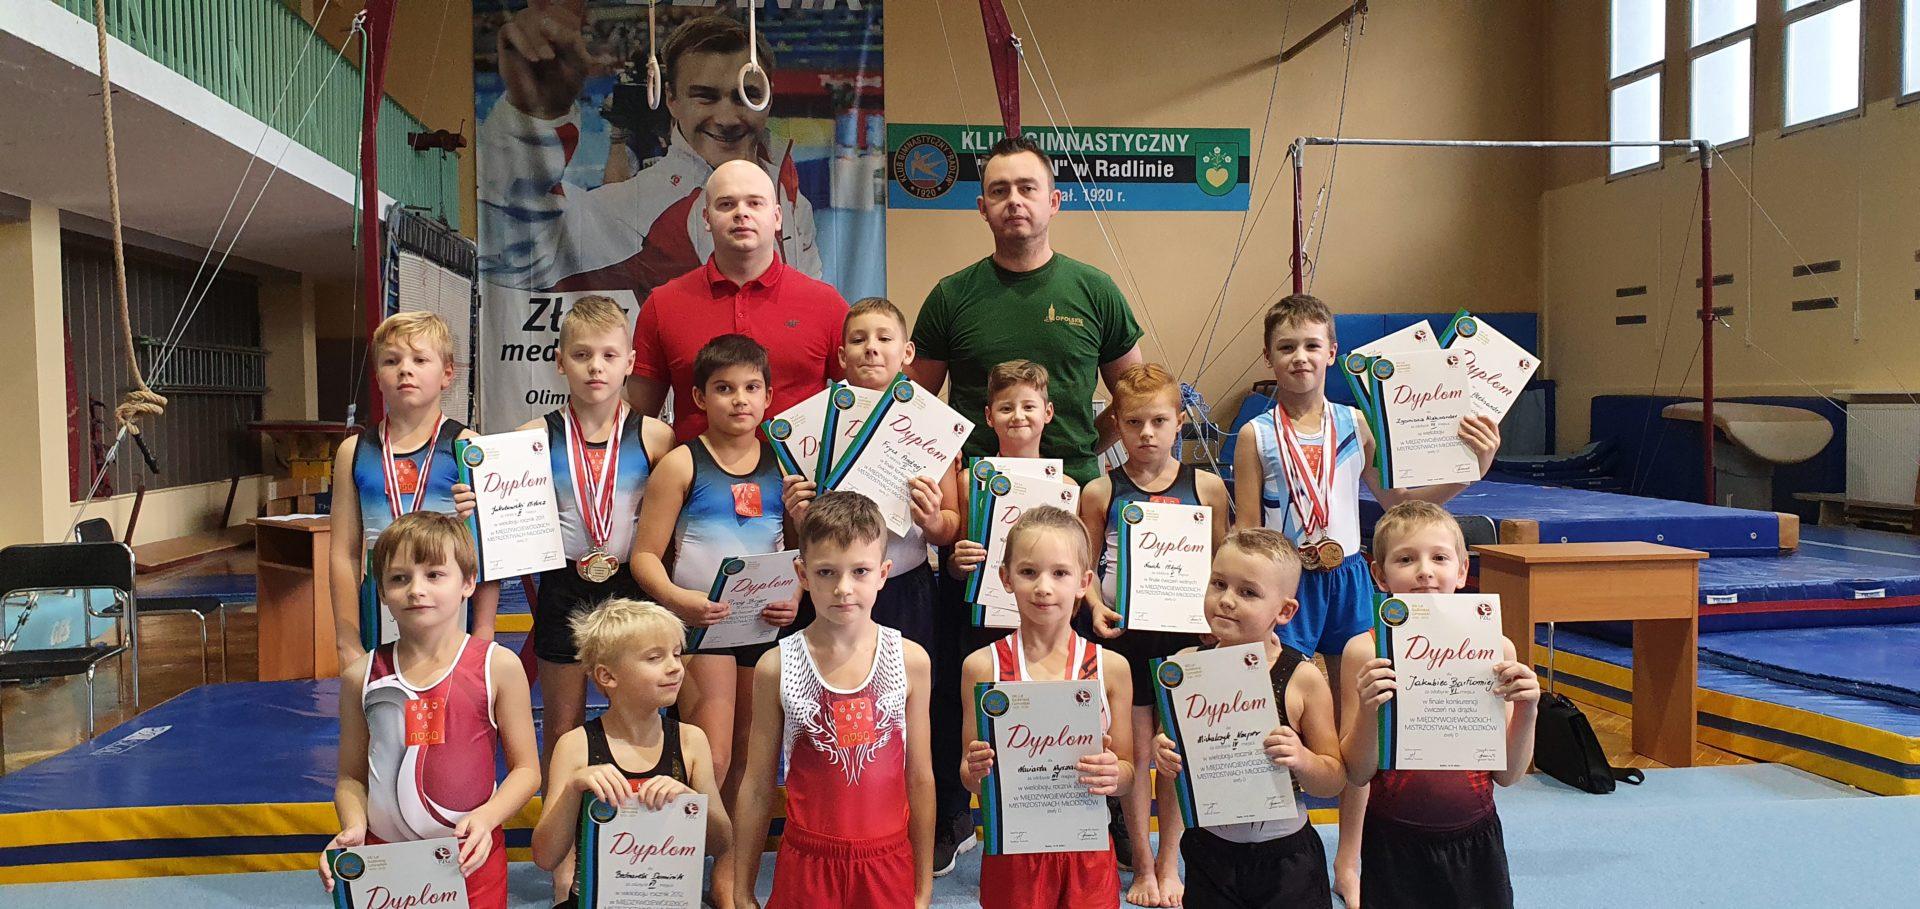 Gimnastycy na fali sukcesów!